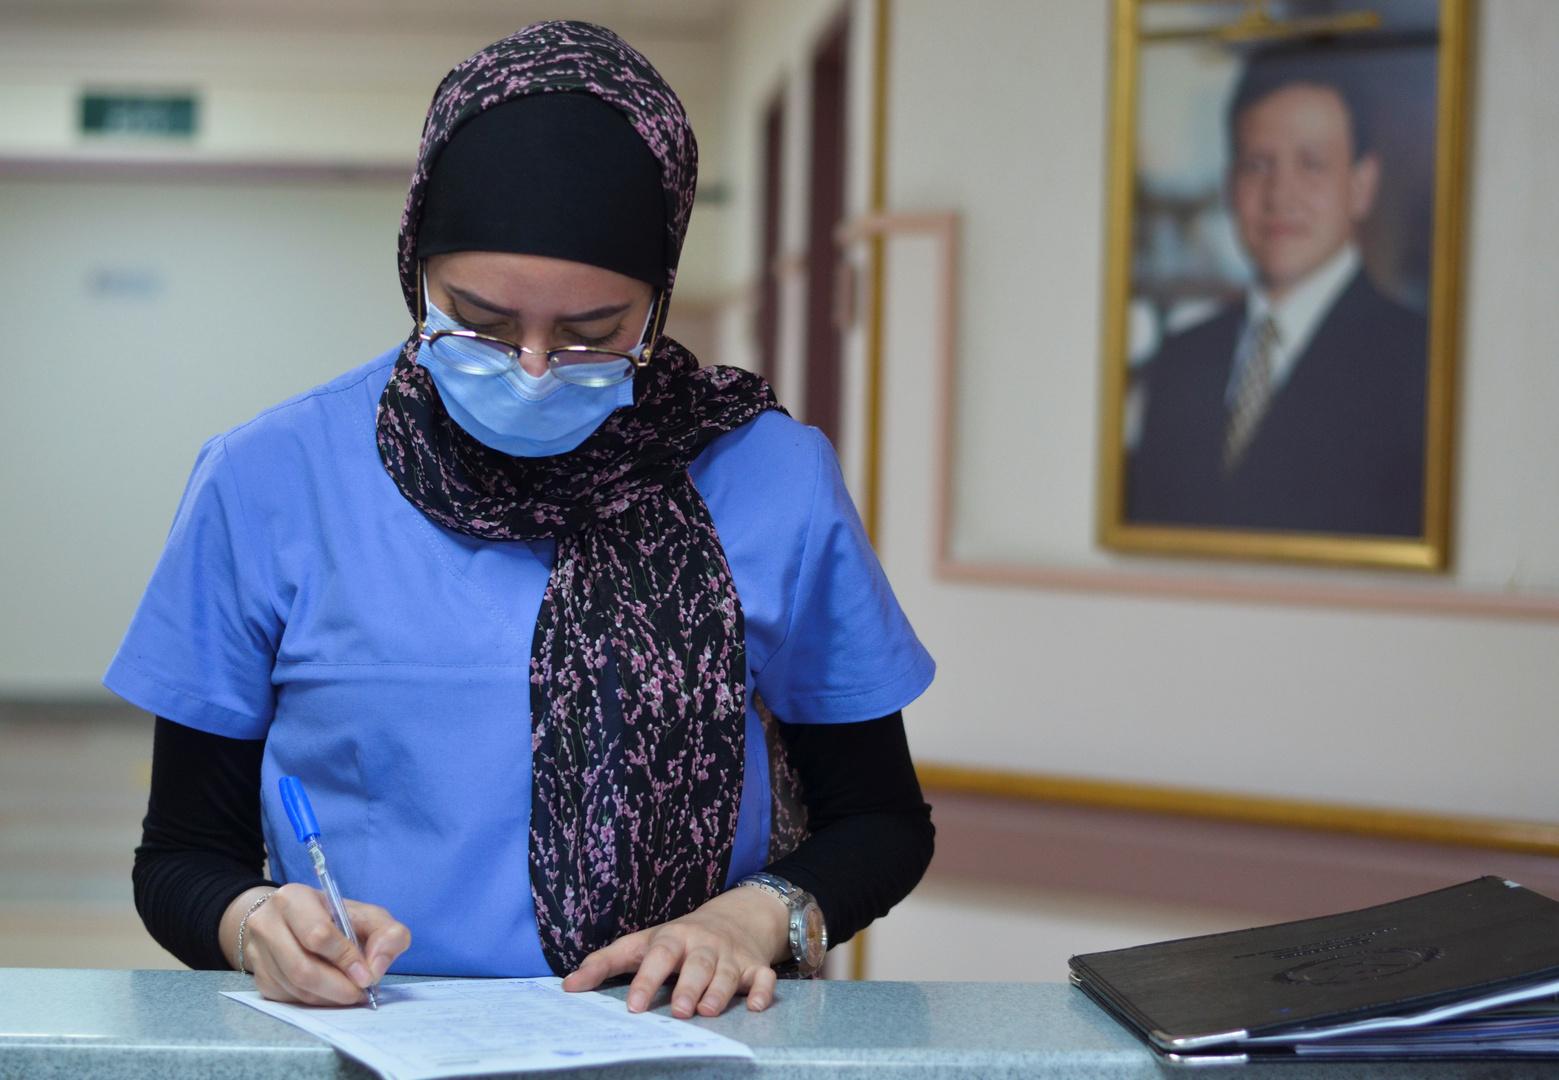 الأردن يسجل أعلى حصيلة أسبوعية لإصابات ووفيات كورونا في منطقة شرق المتوسط